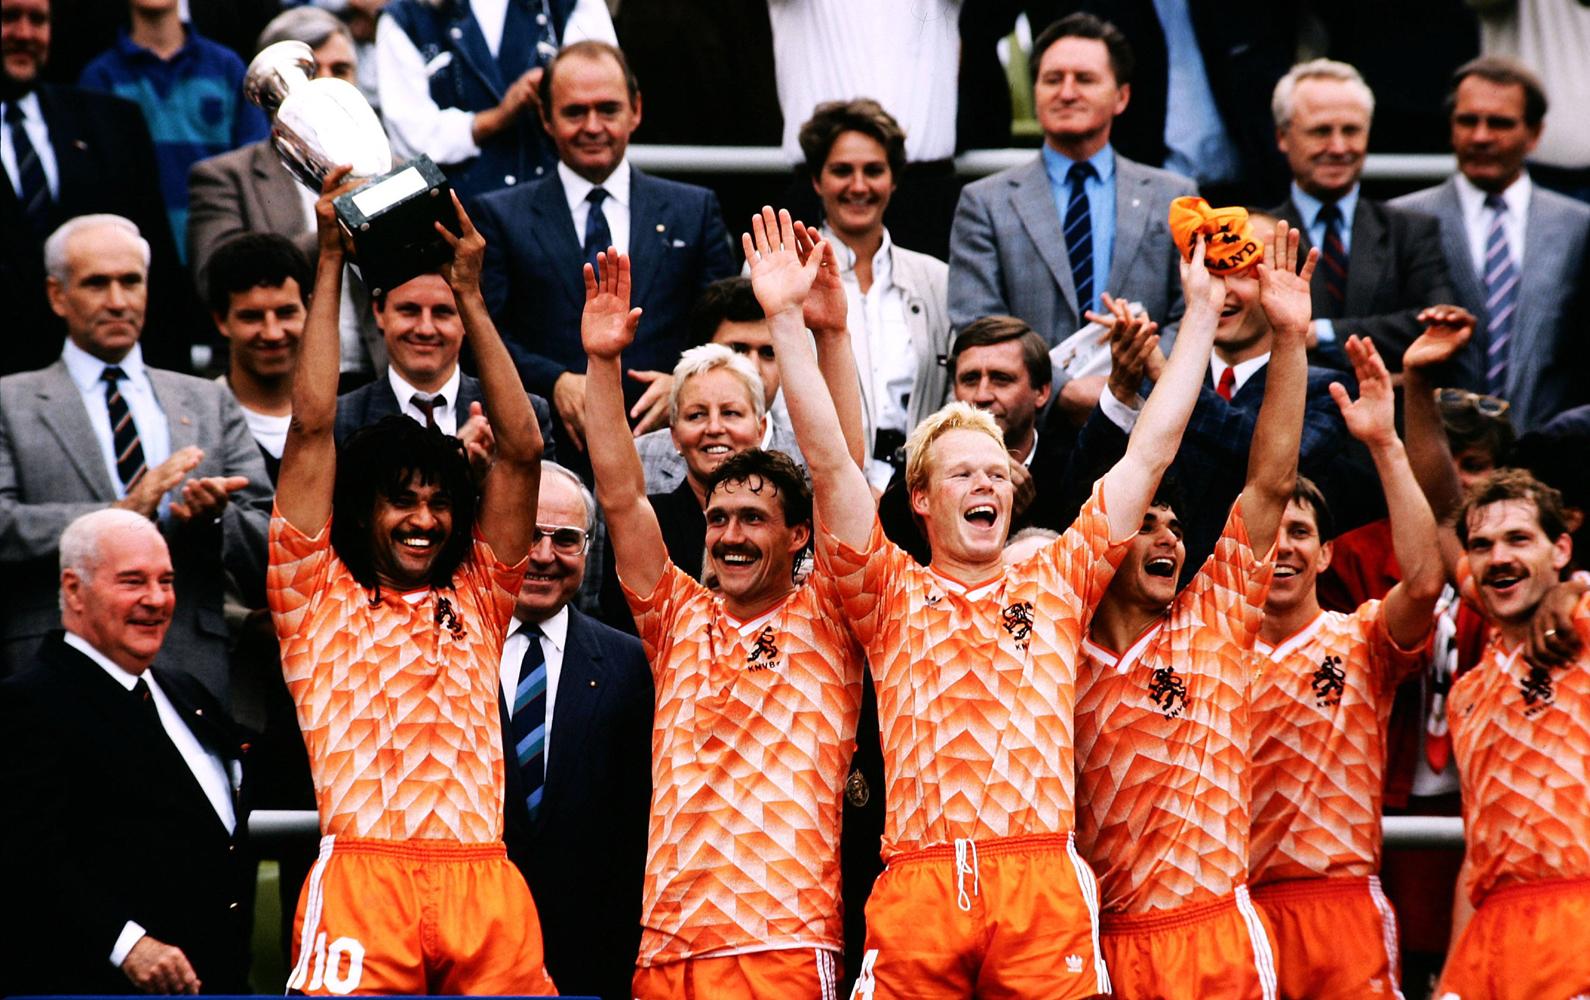 تاریخچه مسابقات یورو (8)؛ یورو 1988